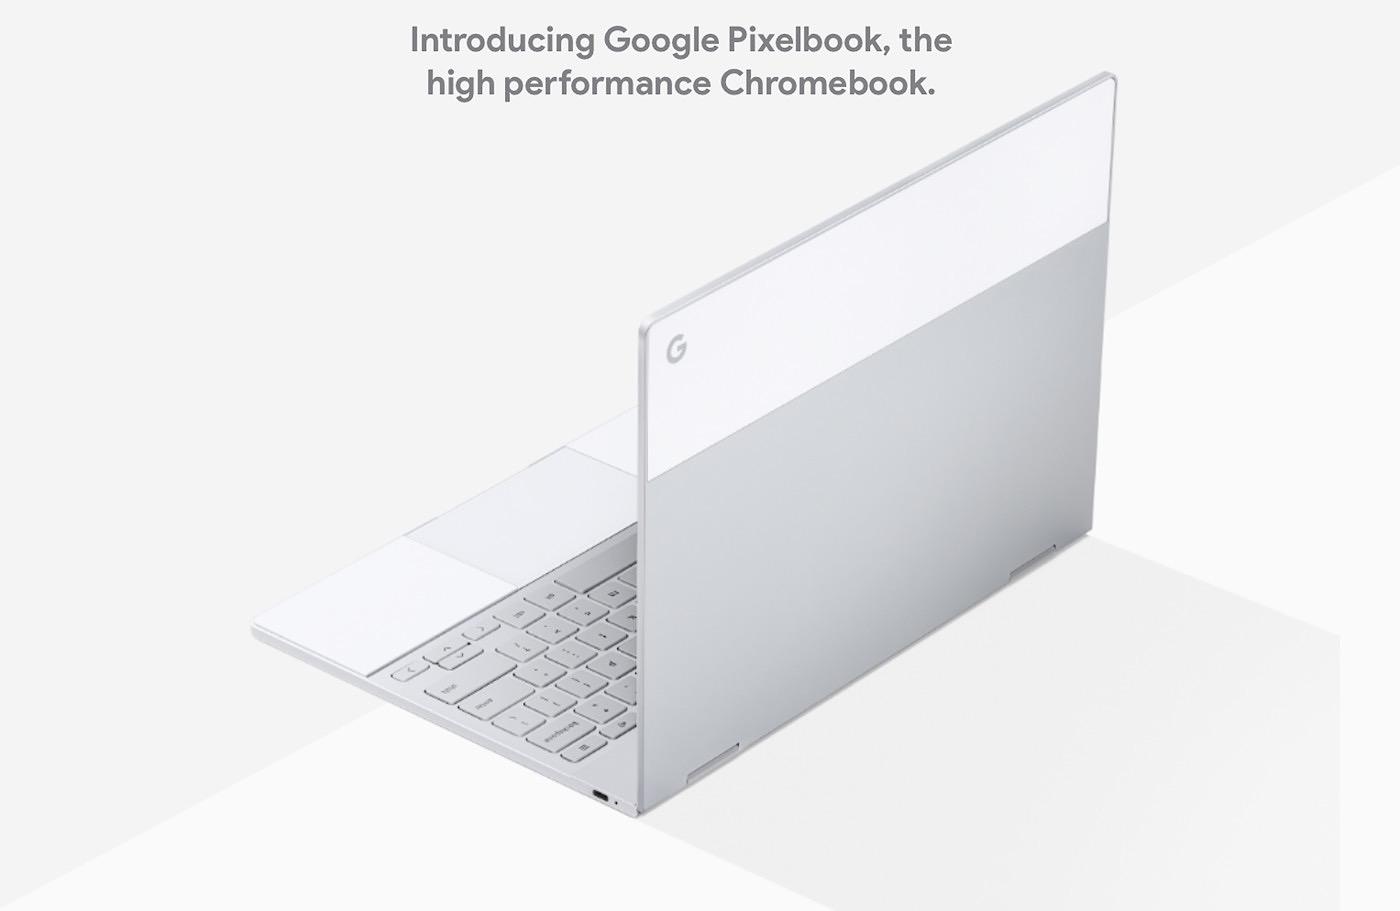 El nuevo portátil Google Pixelbook